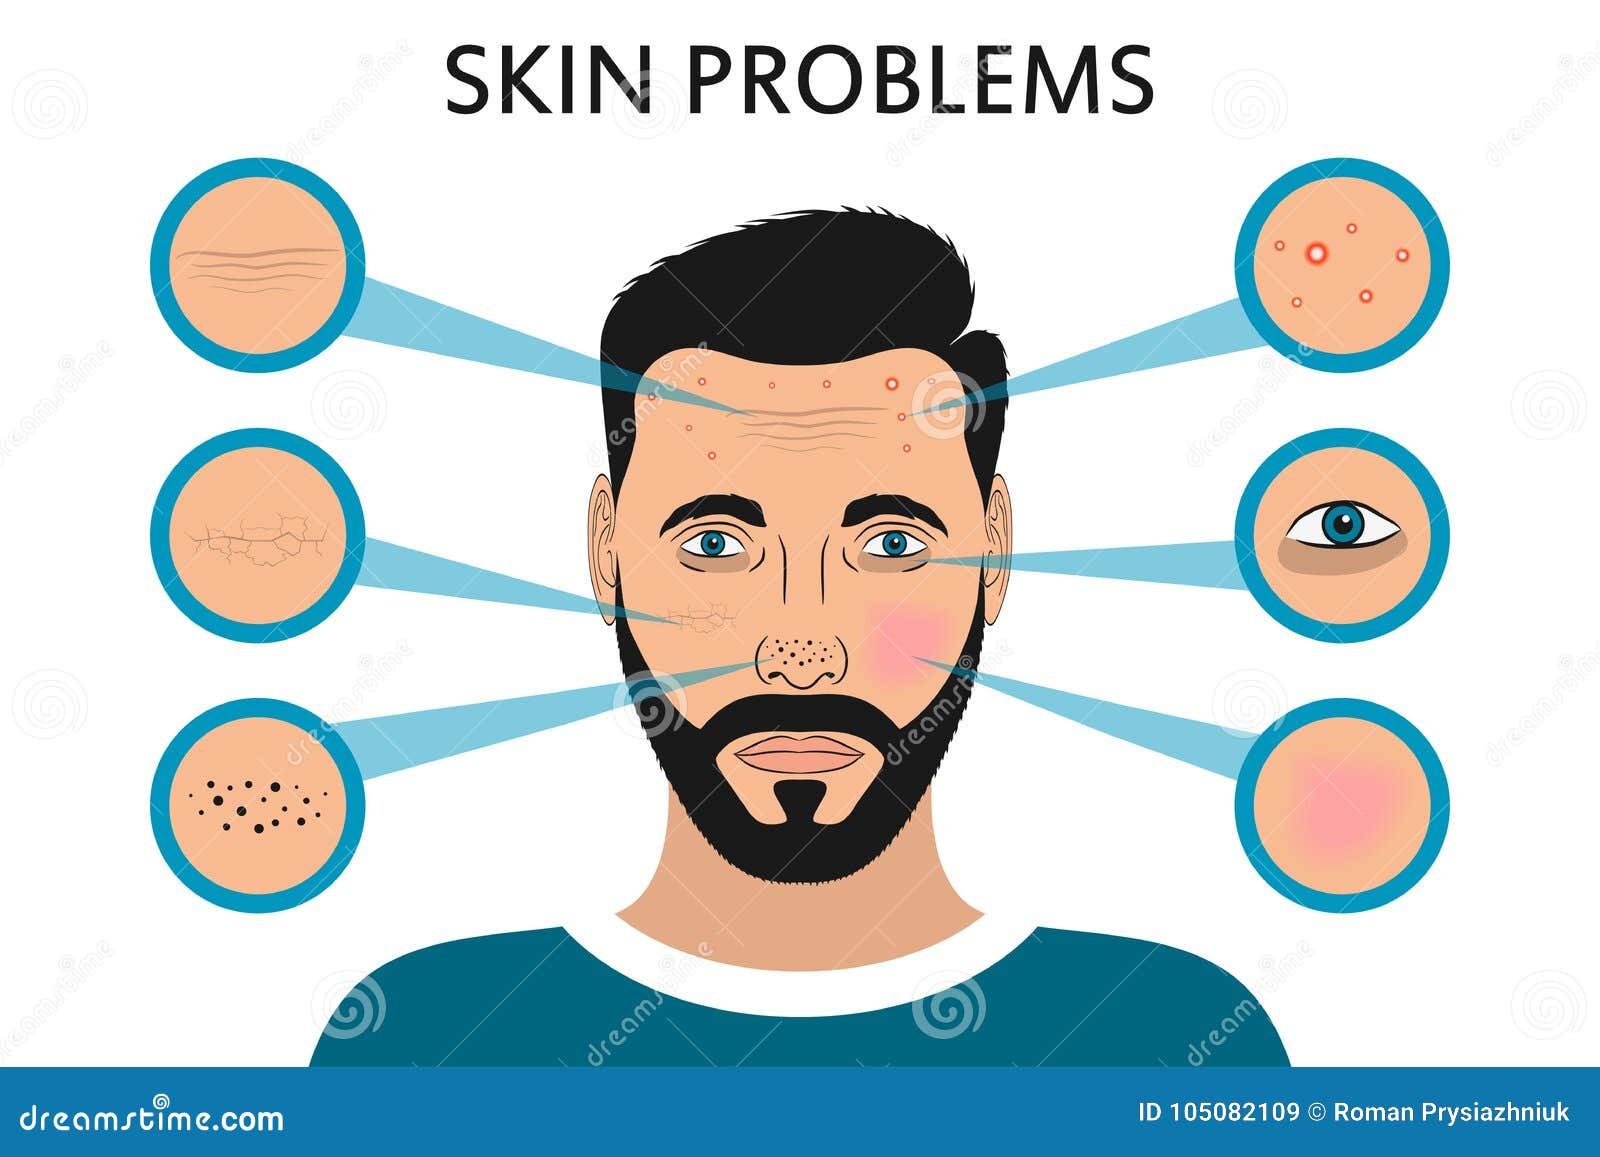 男性面孔皮肤问题 粉刺和丘疹、交通事故多发地段、赤红、干燥、圈子在眼睛下和皱痕 向量